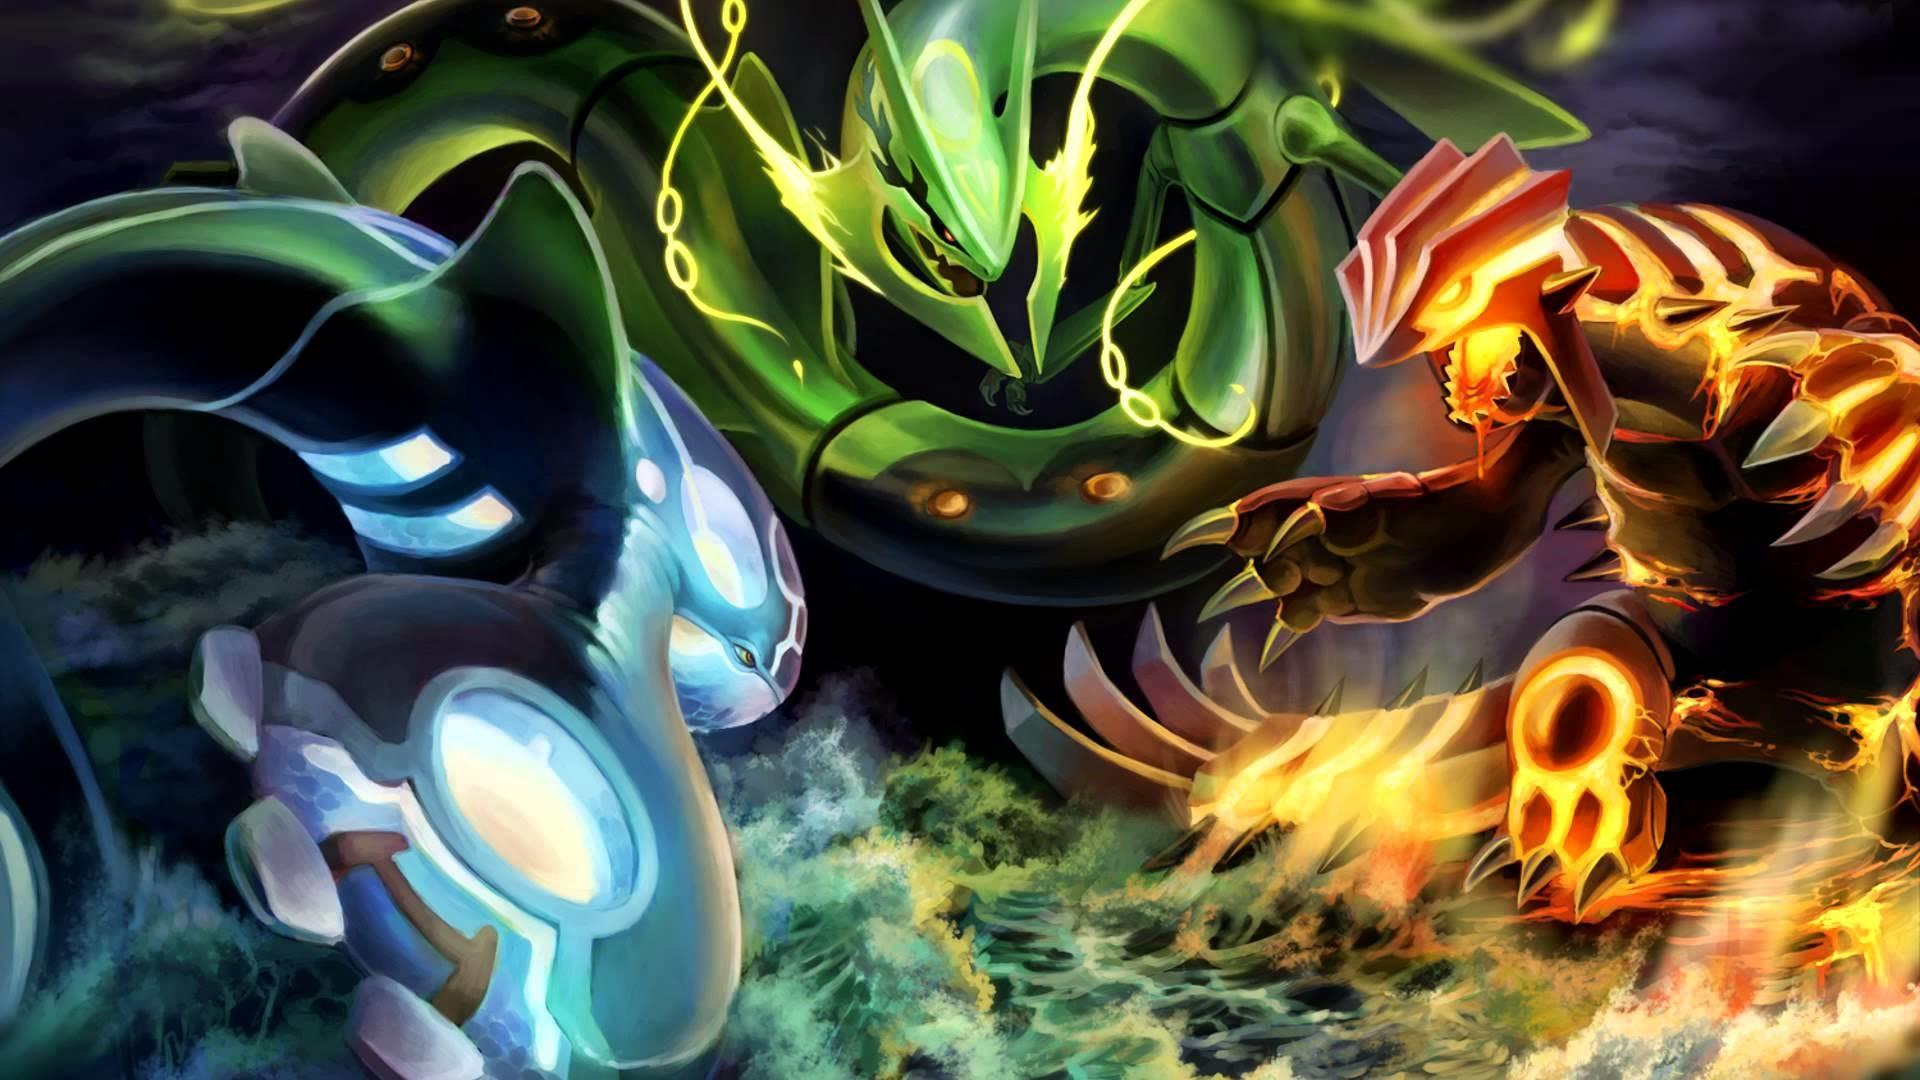 All legendary pokemon wallpaper wallpapertag - All legendary pokemon background ...